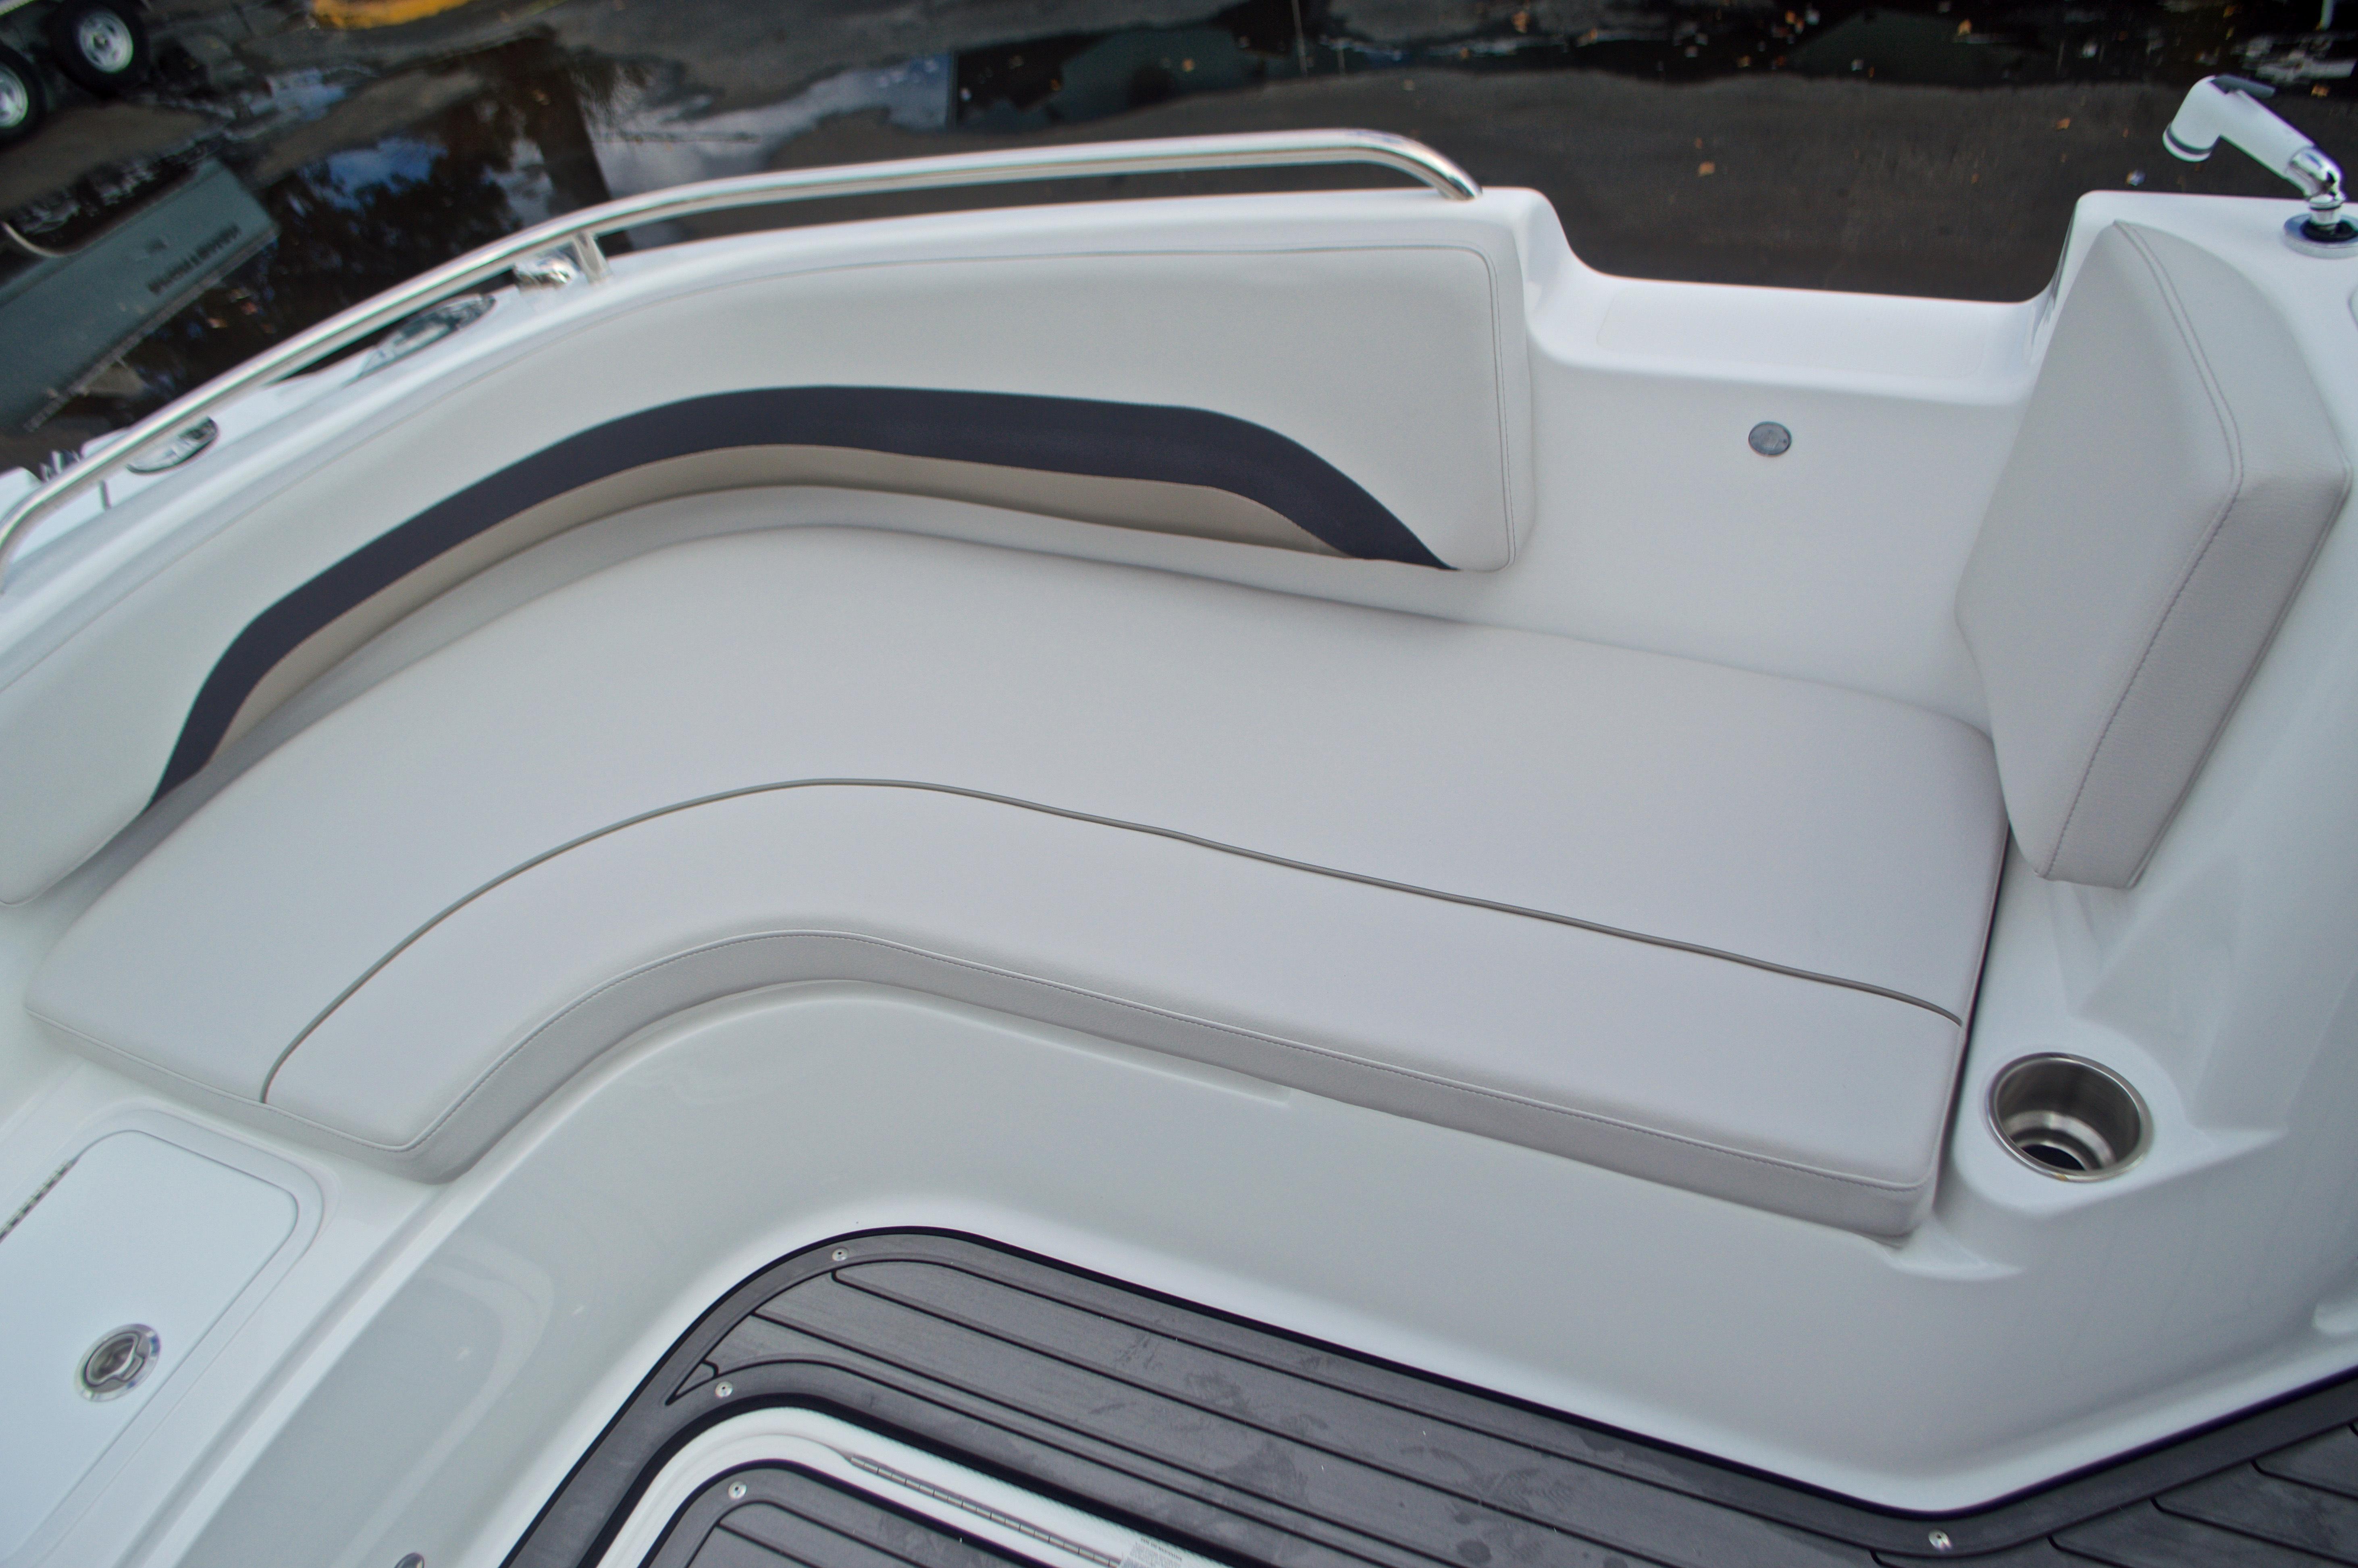 Thumbnail 52 for New 2017 Hurricane SunDeck Sport SS 211 OB boat for sale in Vero Beach, FL